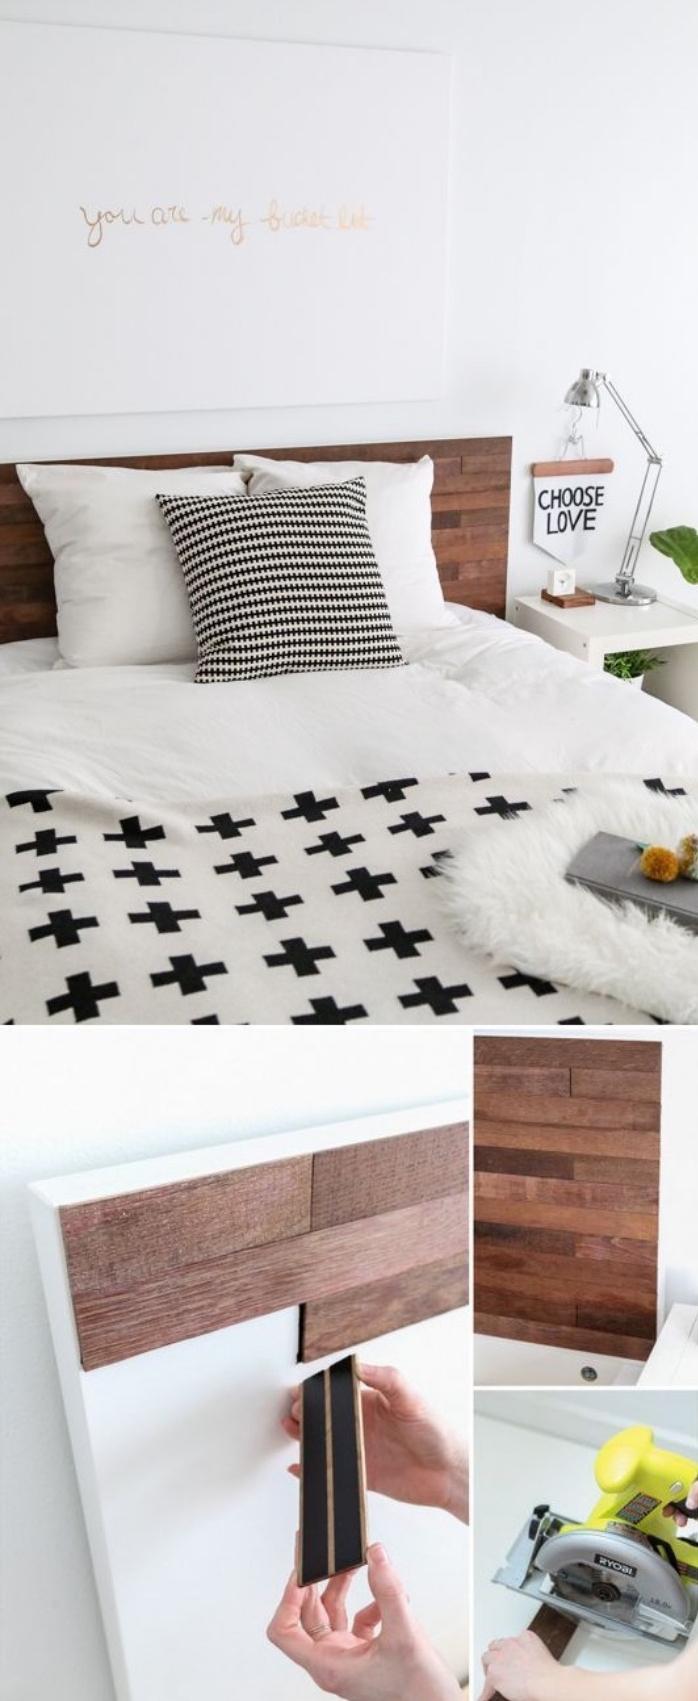 fabriquer une tete de lit soi meme avec des lames de bois adhesives, linge de lit noir et blanc, style scandinave, bricolage facile et rapide, panneau decoratif avec texte lettres dorées